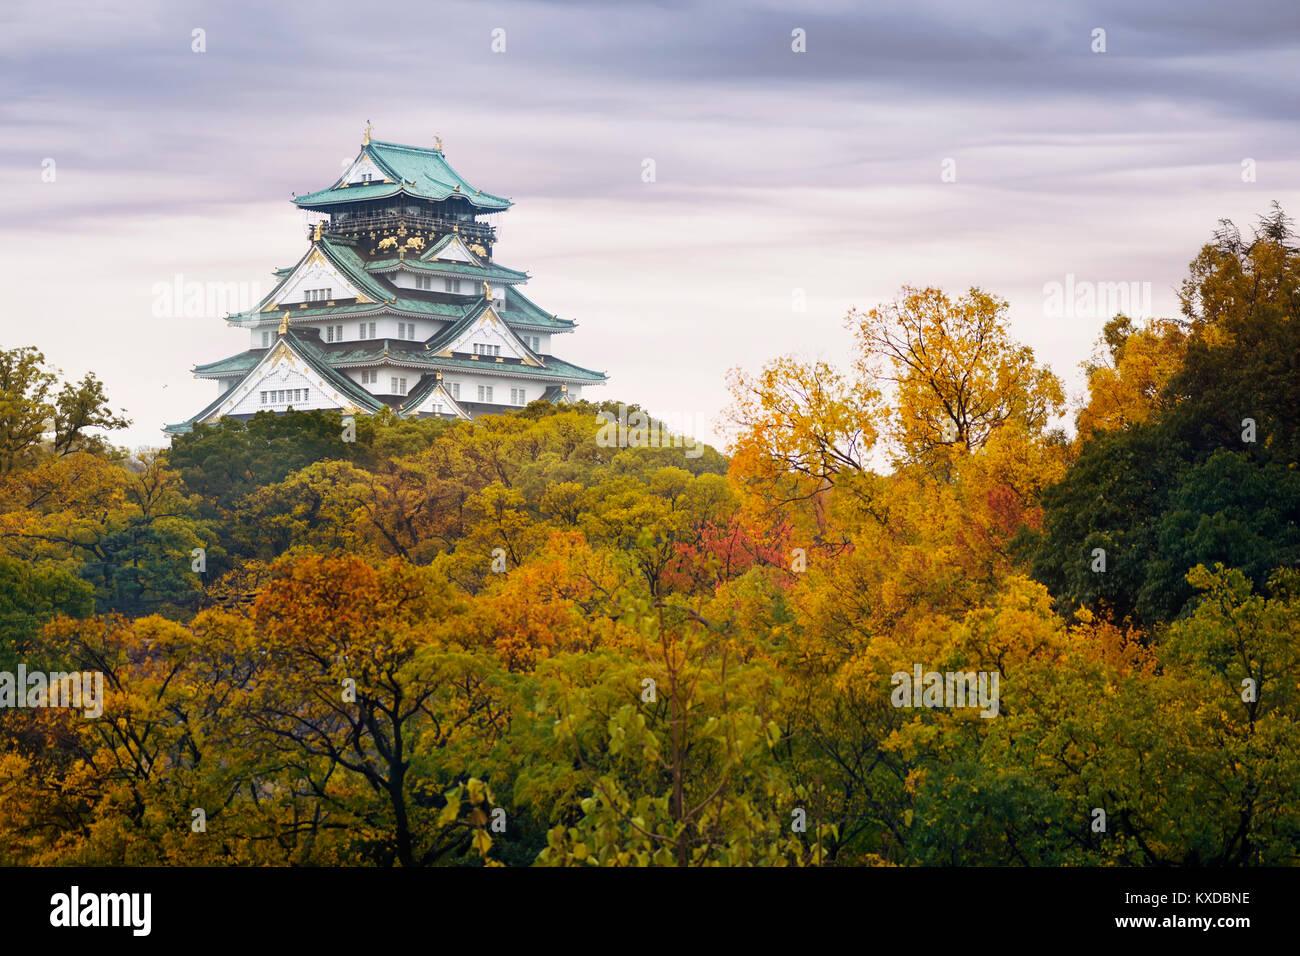 Il Castello di Osaka, Osakajo su una collina circondata da colorati in giallo e rosso di alberi in una nebbiosa Immagini Stock